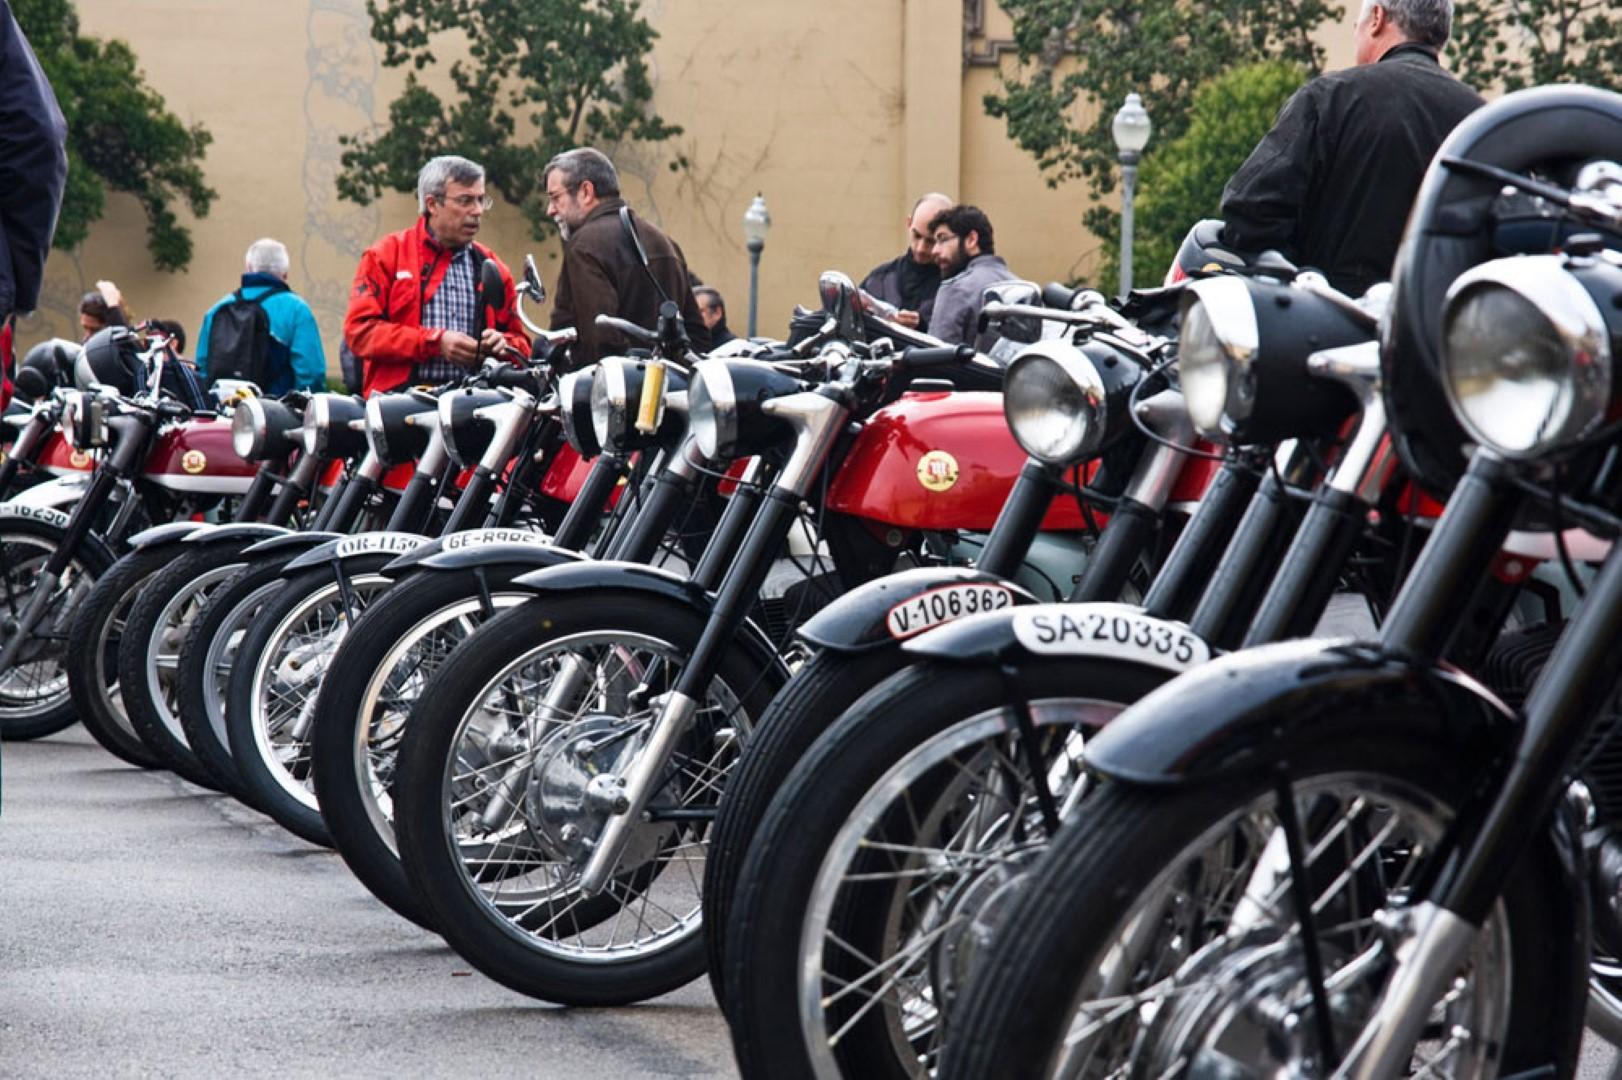 Cuenta atrás para la Impalada 2019 en Sant Cugat